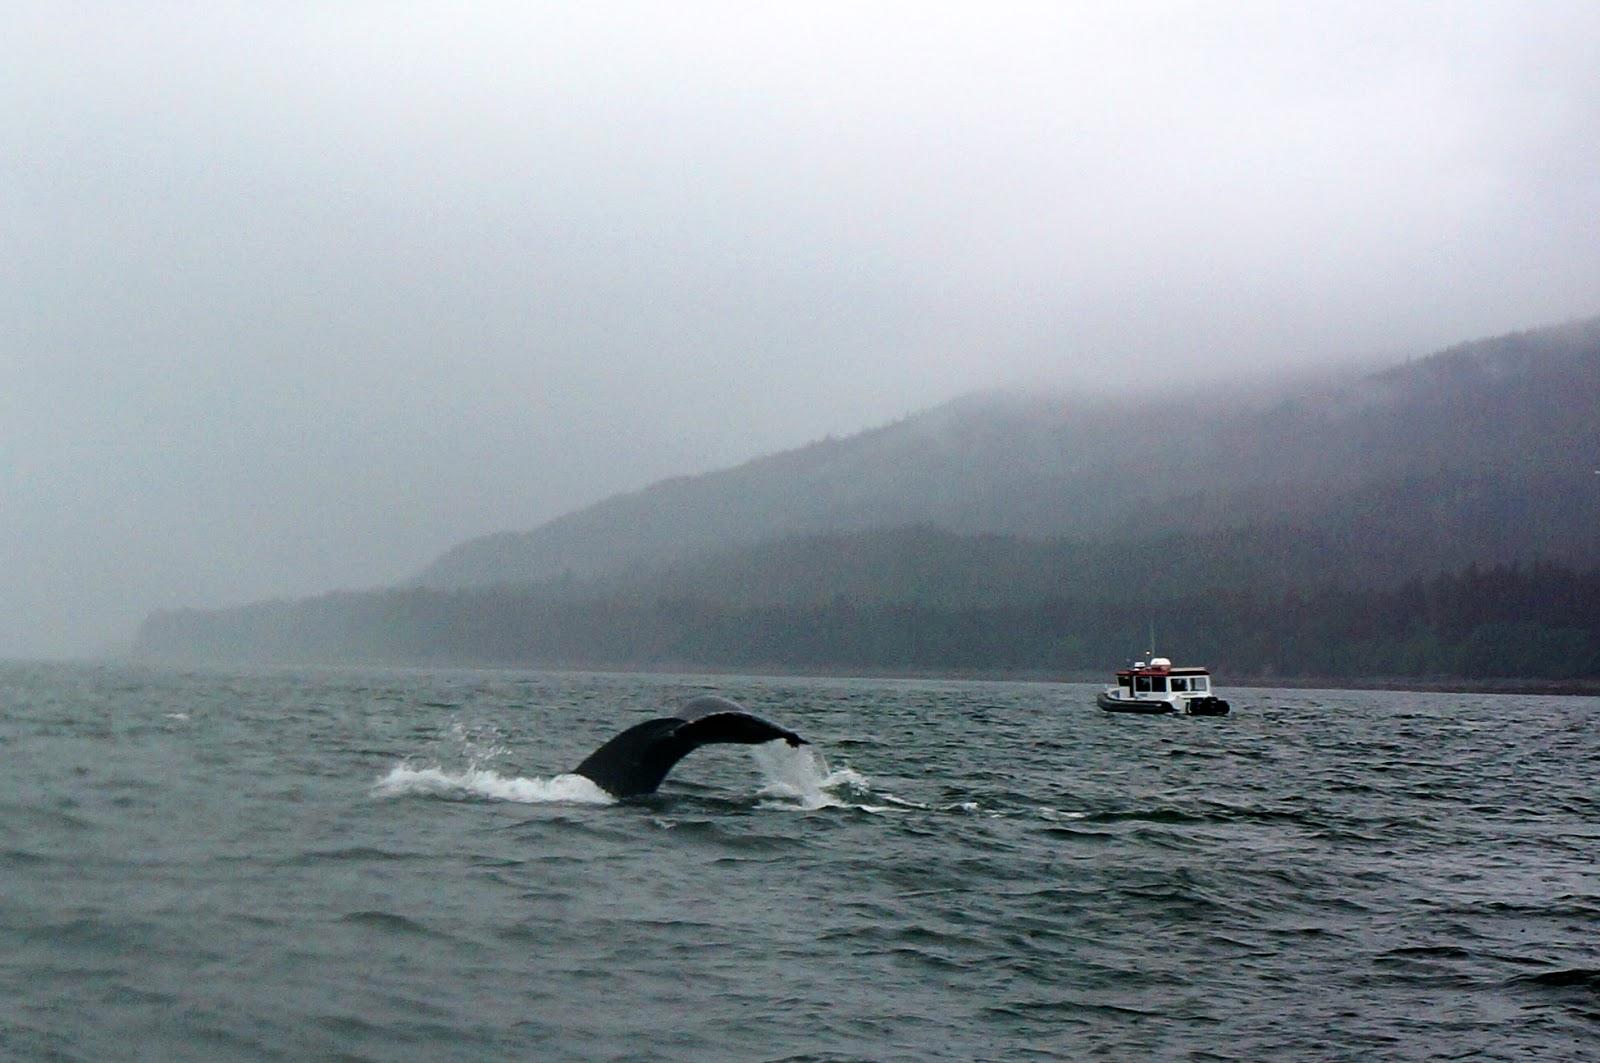 juneau whale watching alaskan cruise review